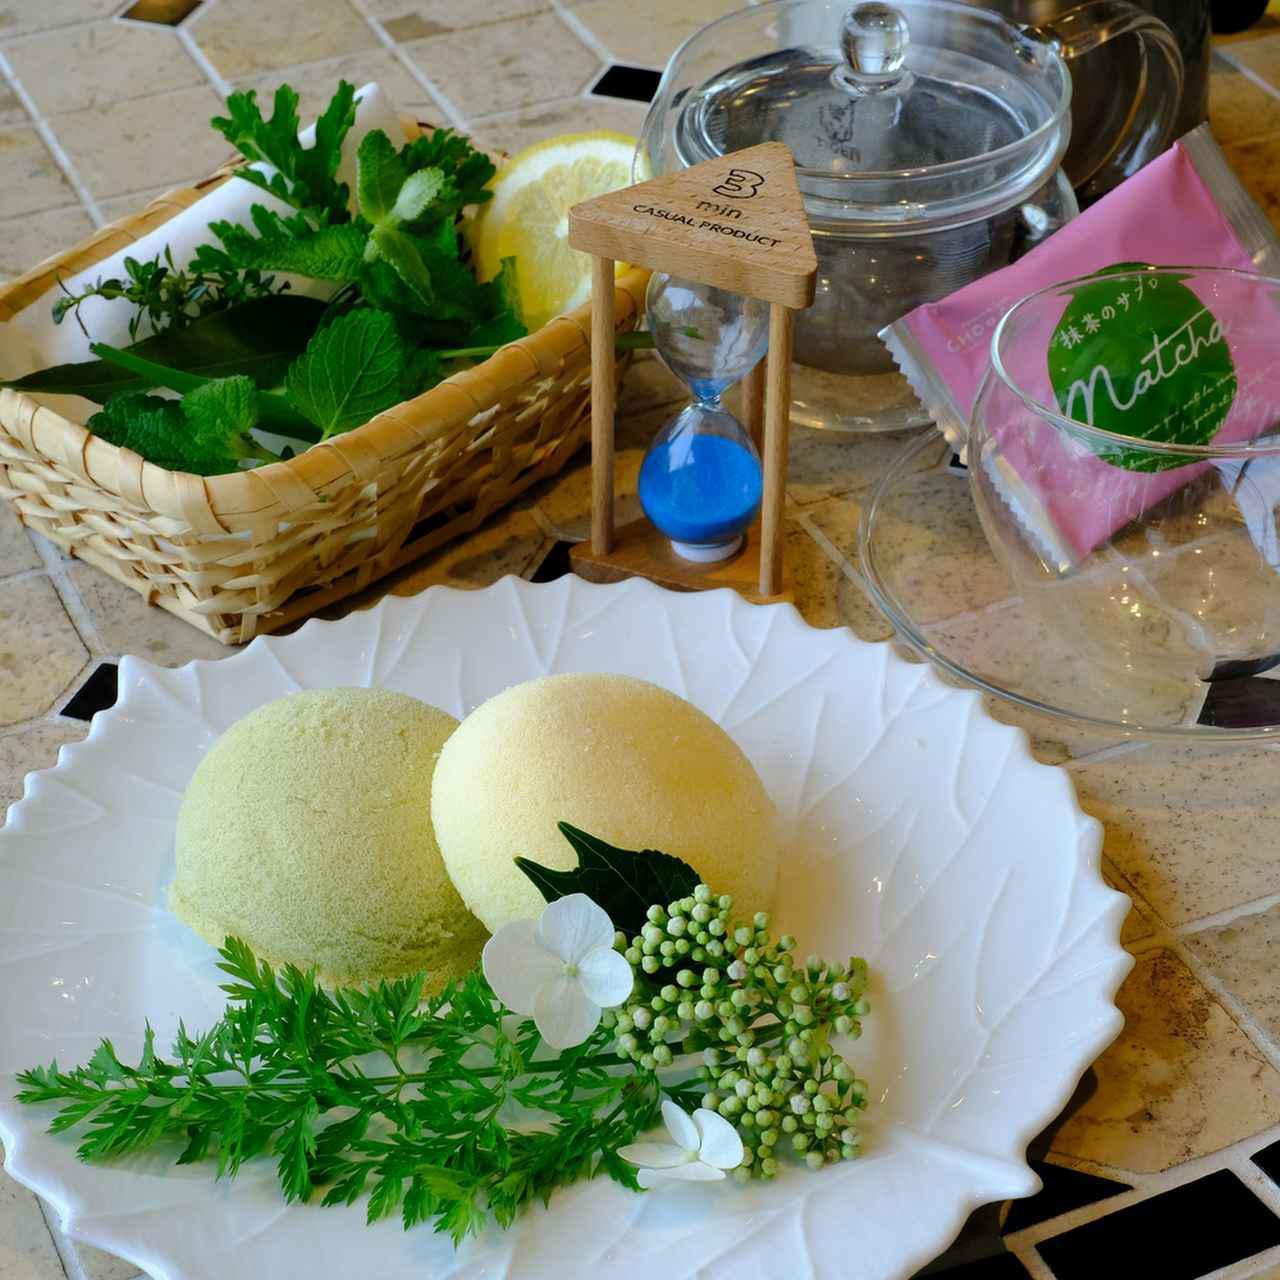 画像: 季節により変わるハーブティーは7種類の新鮮なハーブを使ったすっきり味。レモングラスやミント、ゼラニウムなど爽やかな風味が調和していて心身ともにとても落ち着けます。